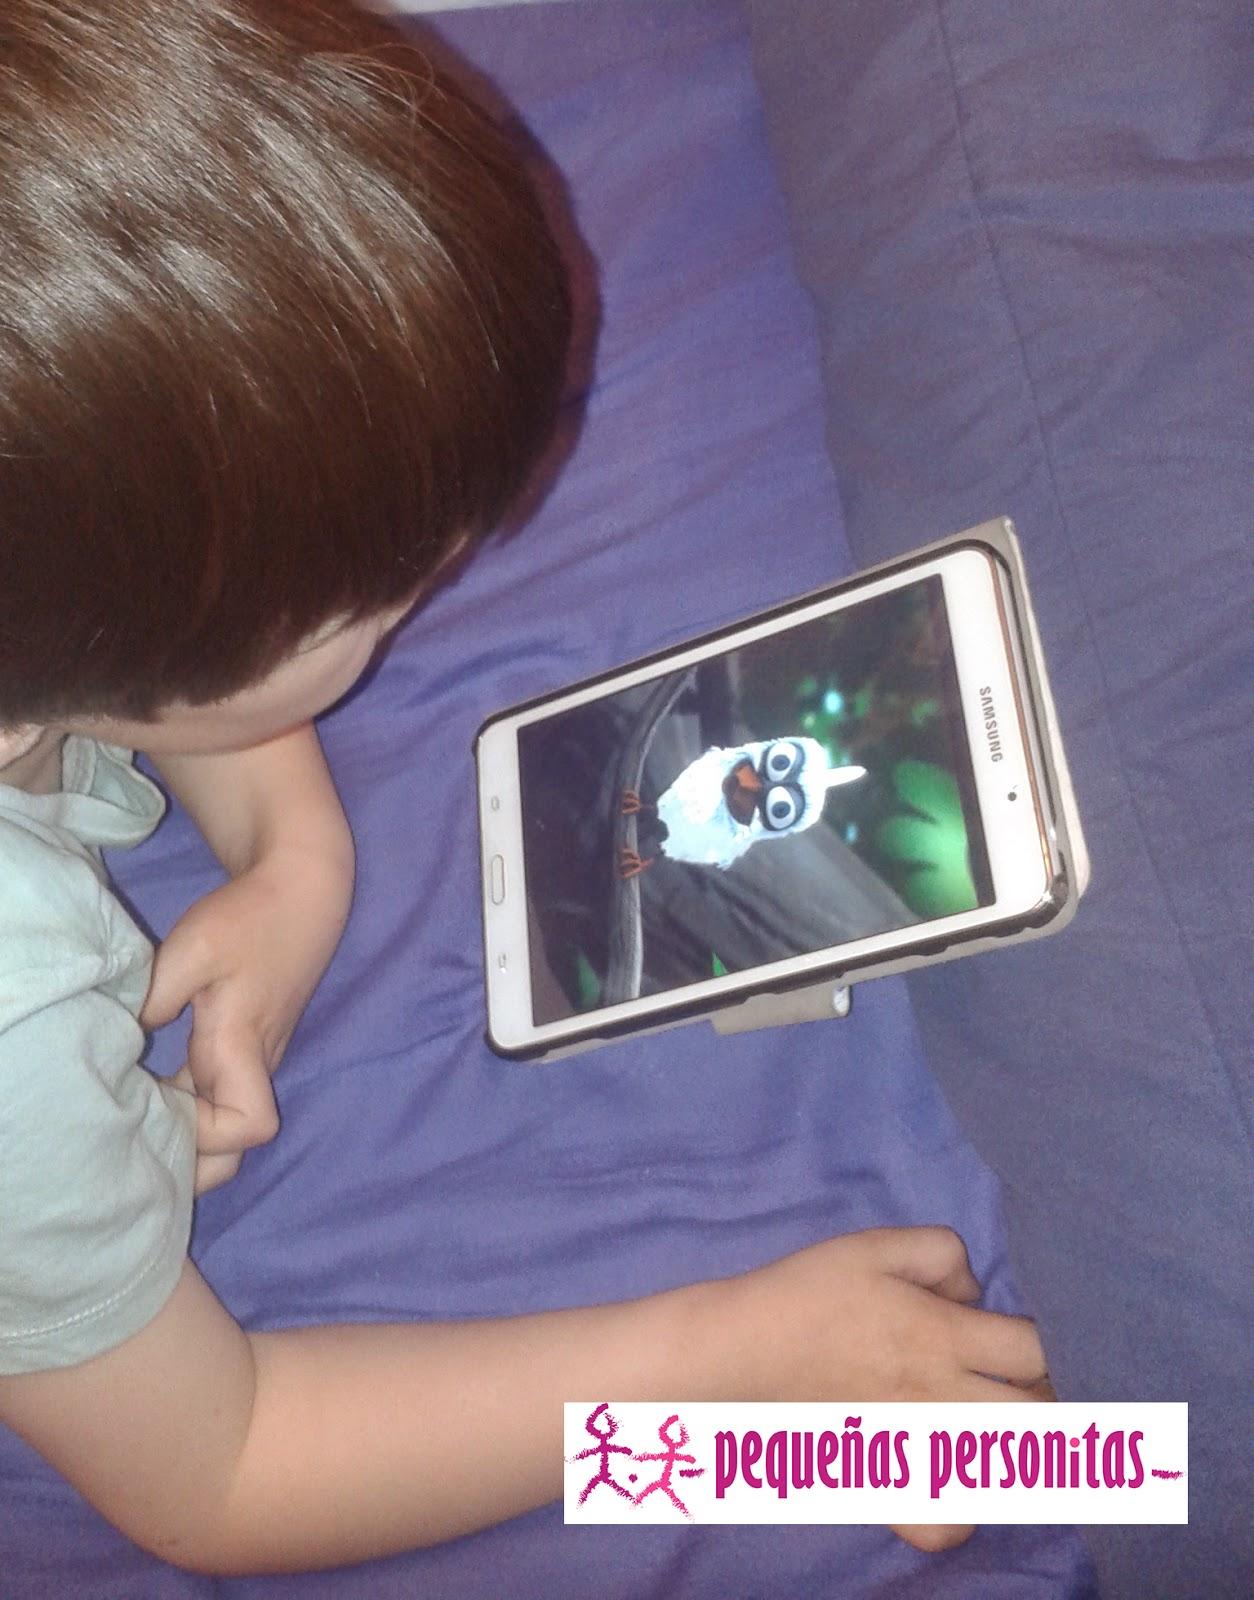 batiburrillo, seguridad, internet, antivirus, control parental, niños, niños y tecnologia, tecnologia, aplicaciones, descargas